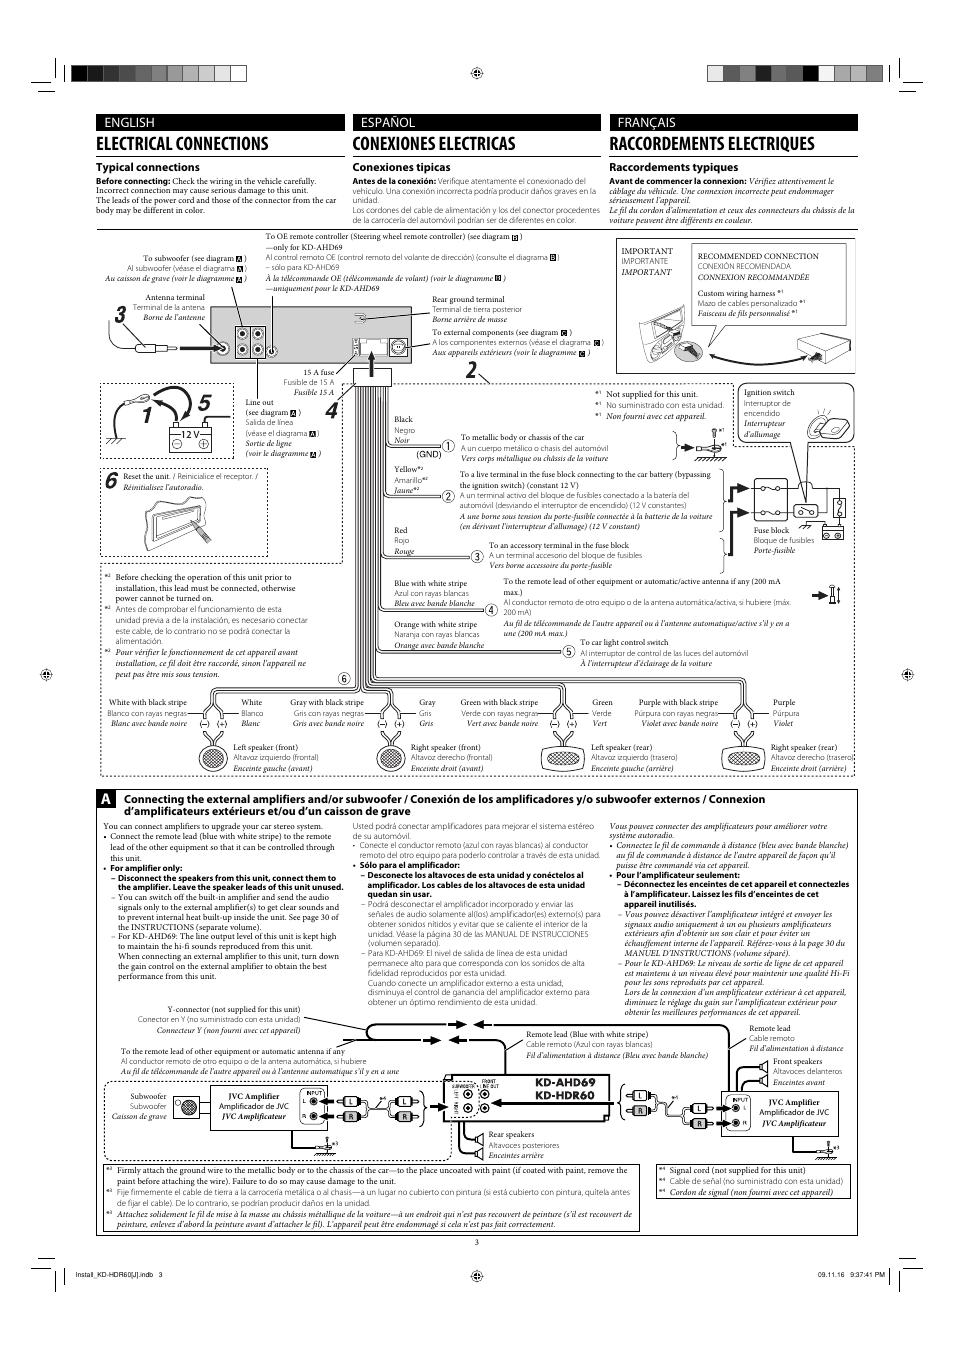 Wunderbar Auto Alarm Kabel Diagramm Fotos - Die Besten Elektrischen ...